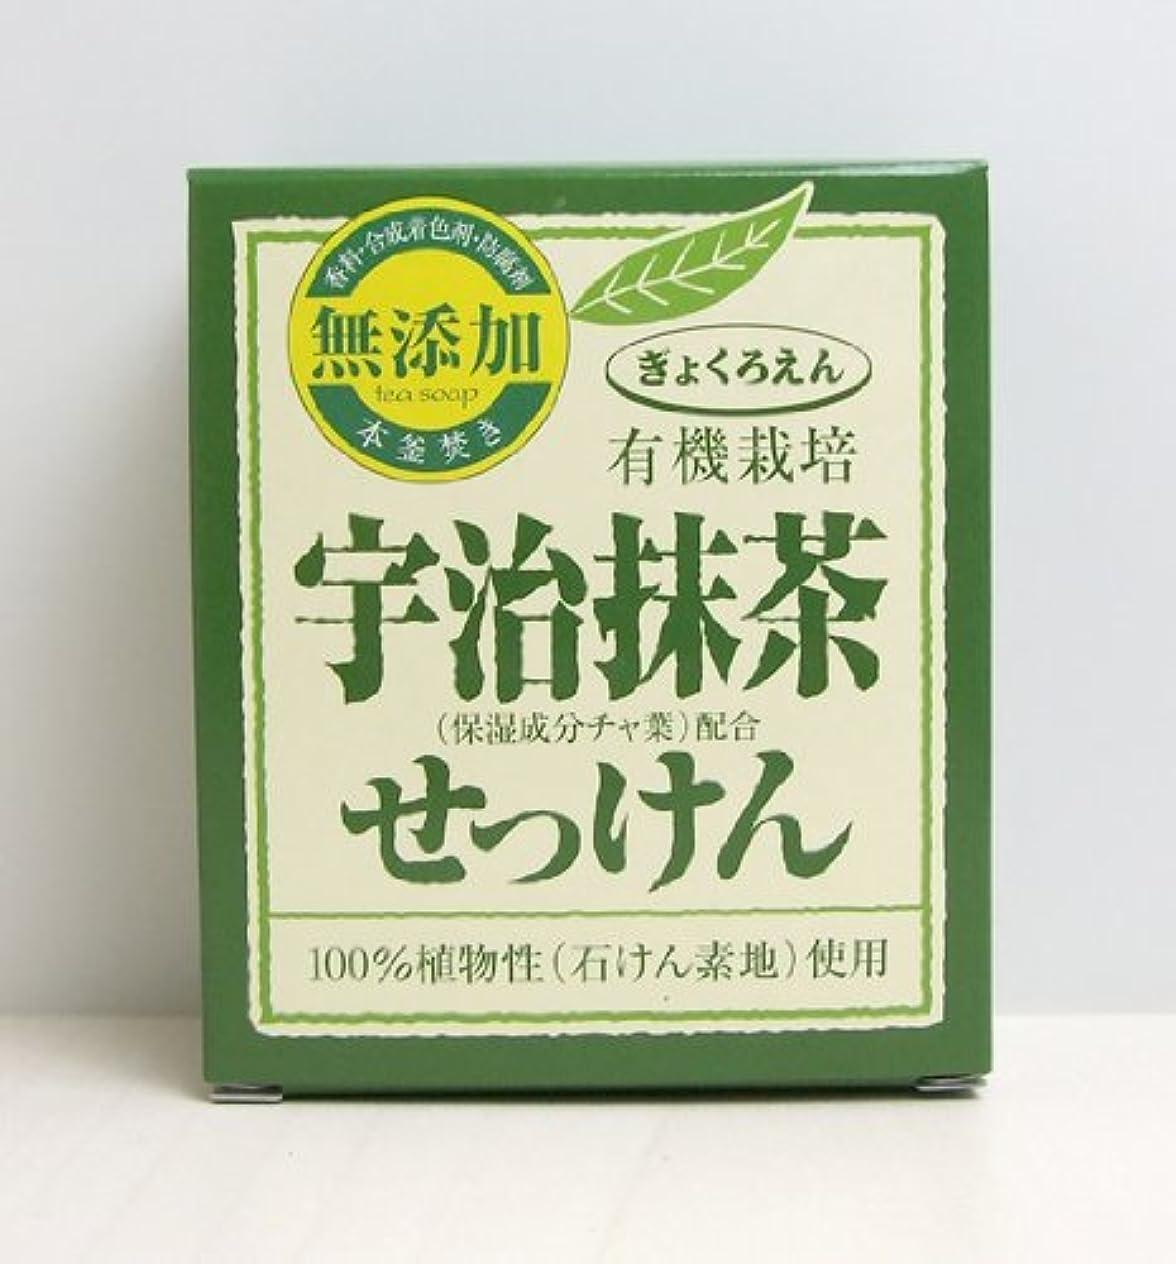 ベルビールフォーマルお茶のせっけん:有機栽培宇治抹茶せっけん